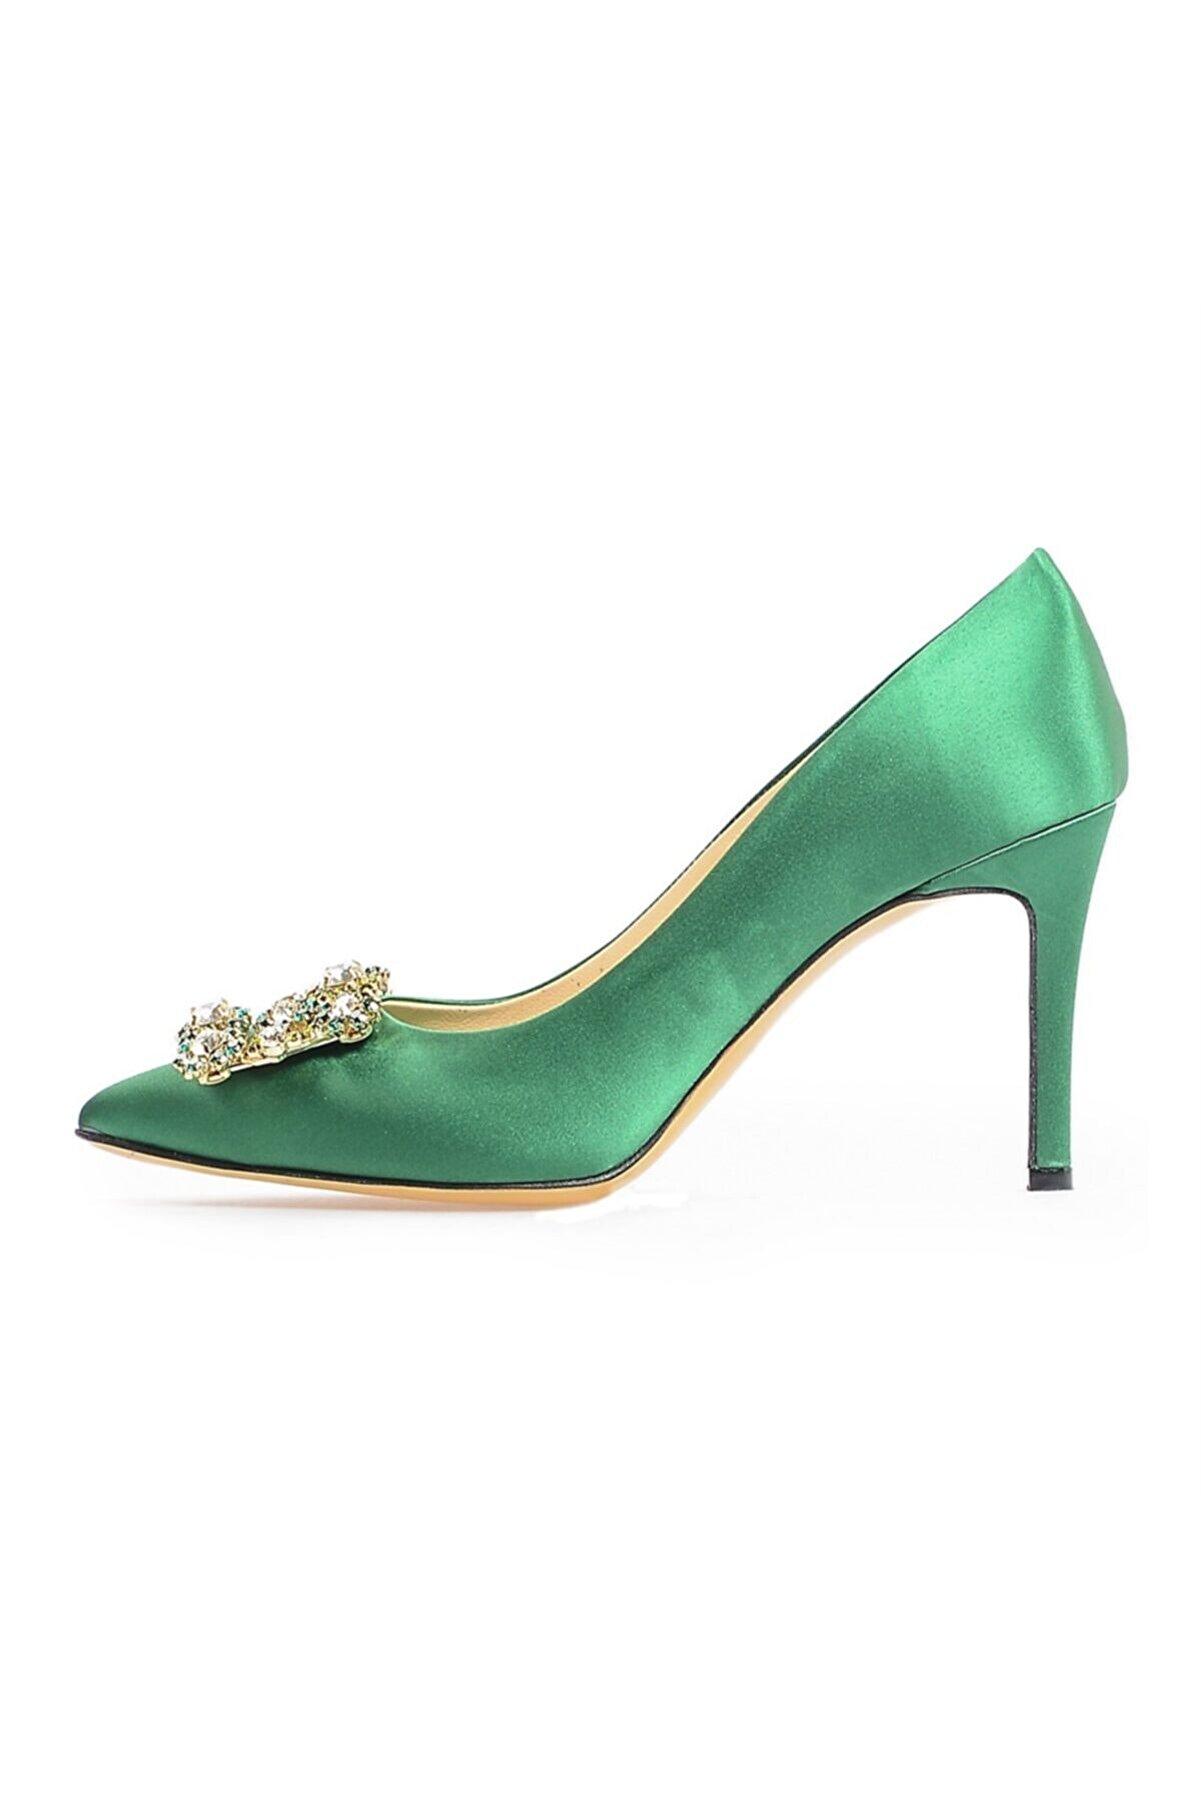 Flower Yeşil Saten Taşlı Abiye Ayakkabı